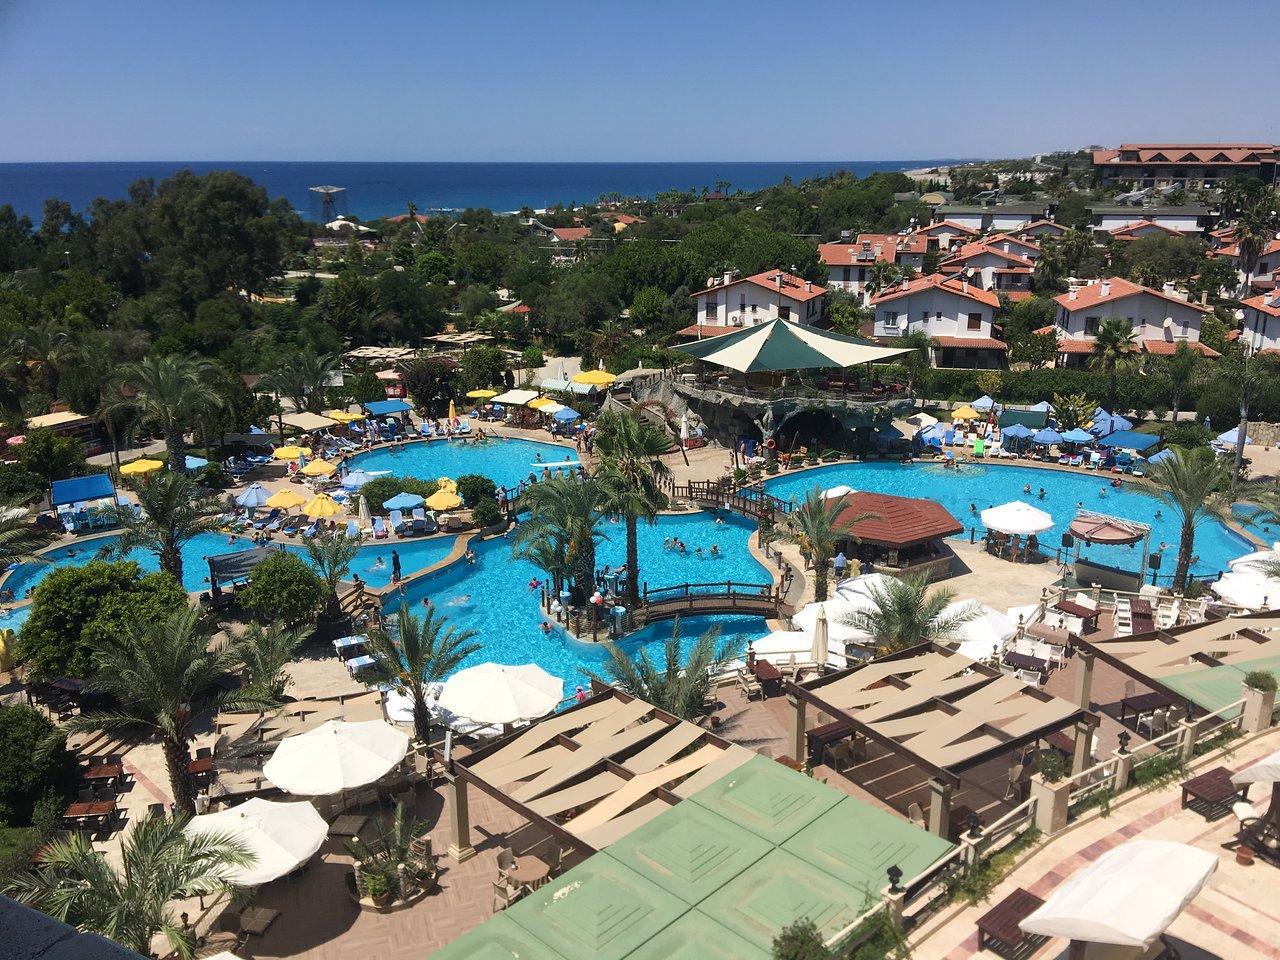 Pemar Beach Resort Prices Hotel Reviews Manavgat Turkey Antalya Province Tripadvisor